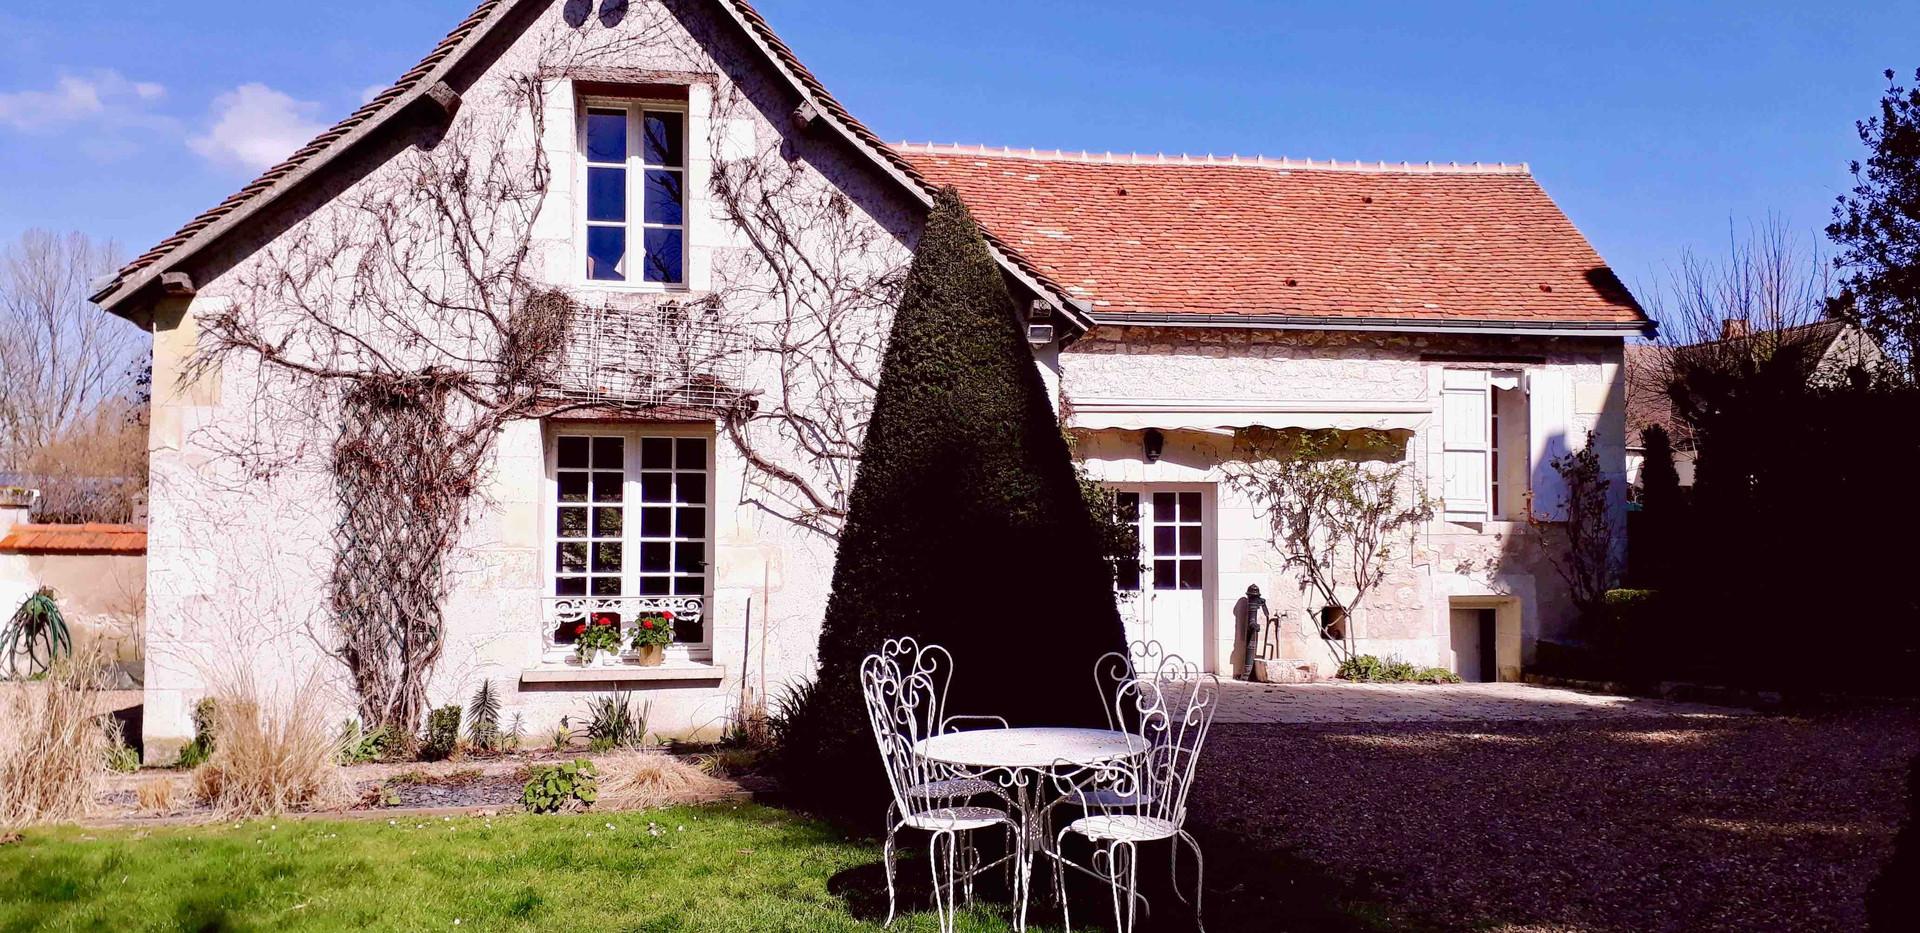 Maison du Passeur hiver